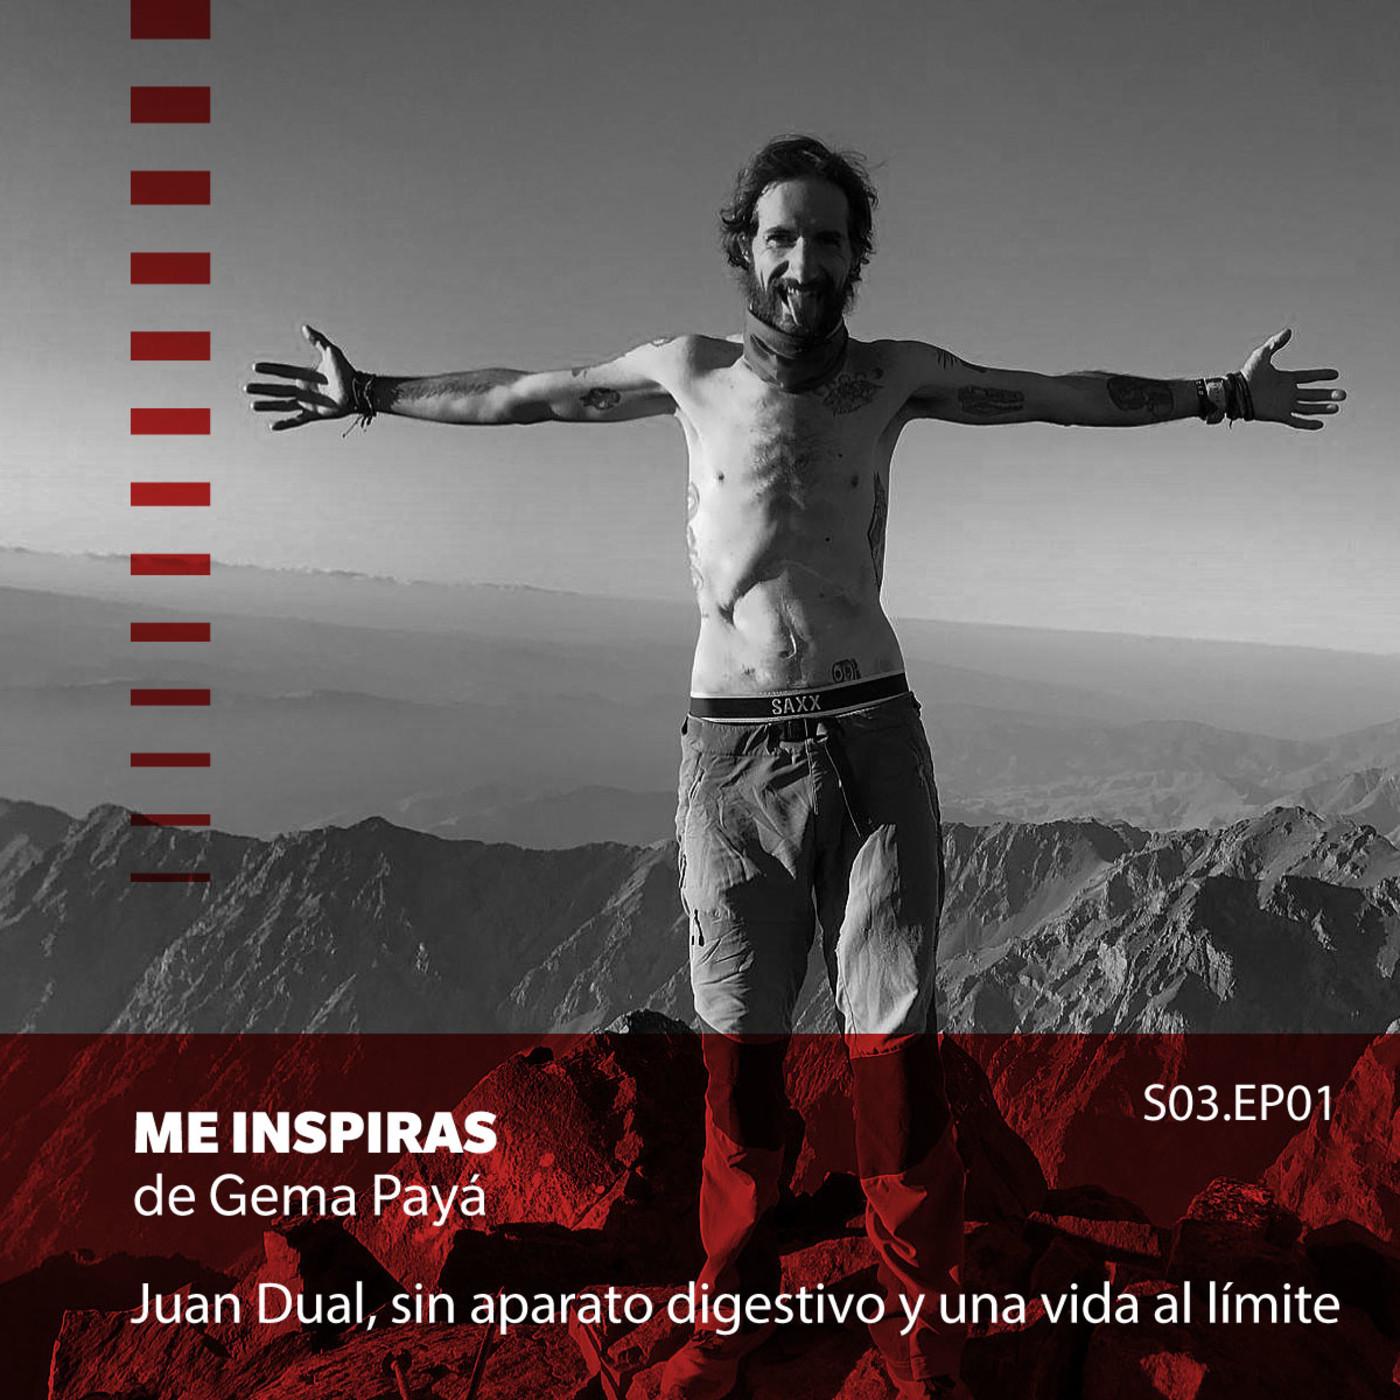 Juan Dual, sin aparato digestivo y una vida al límite en Me Inspiras de Gema Payá